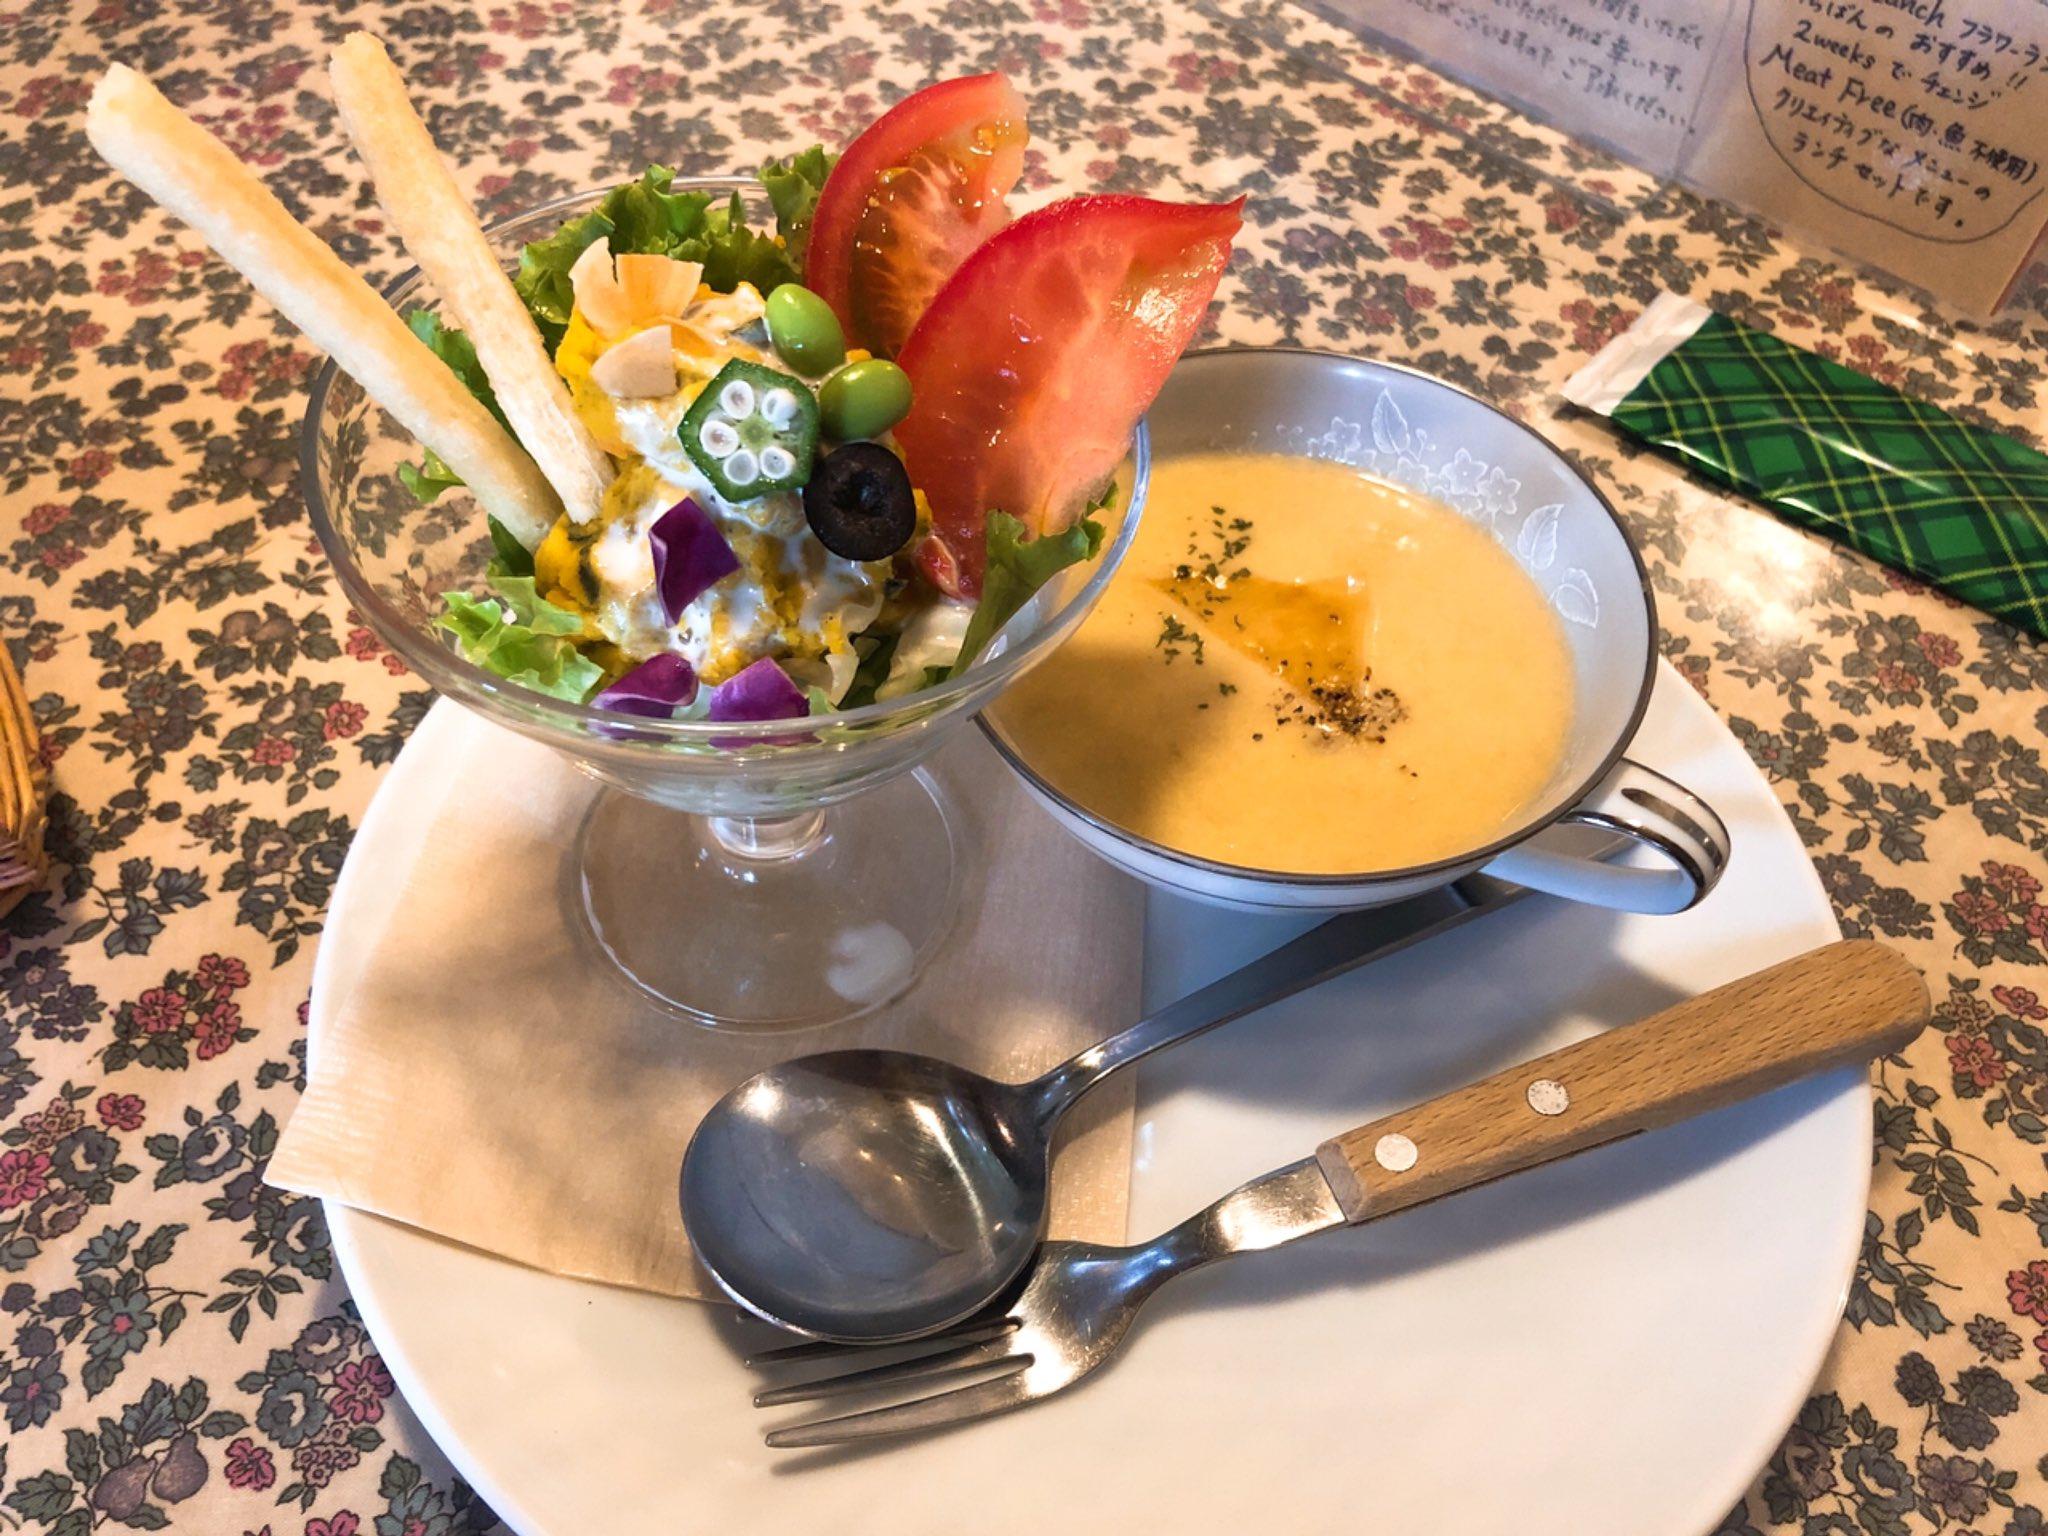 Cafe Fleurの前菜